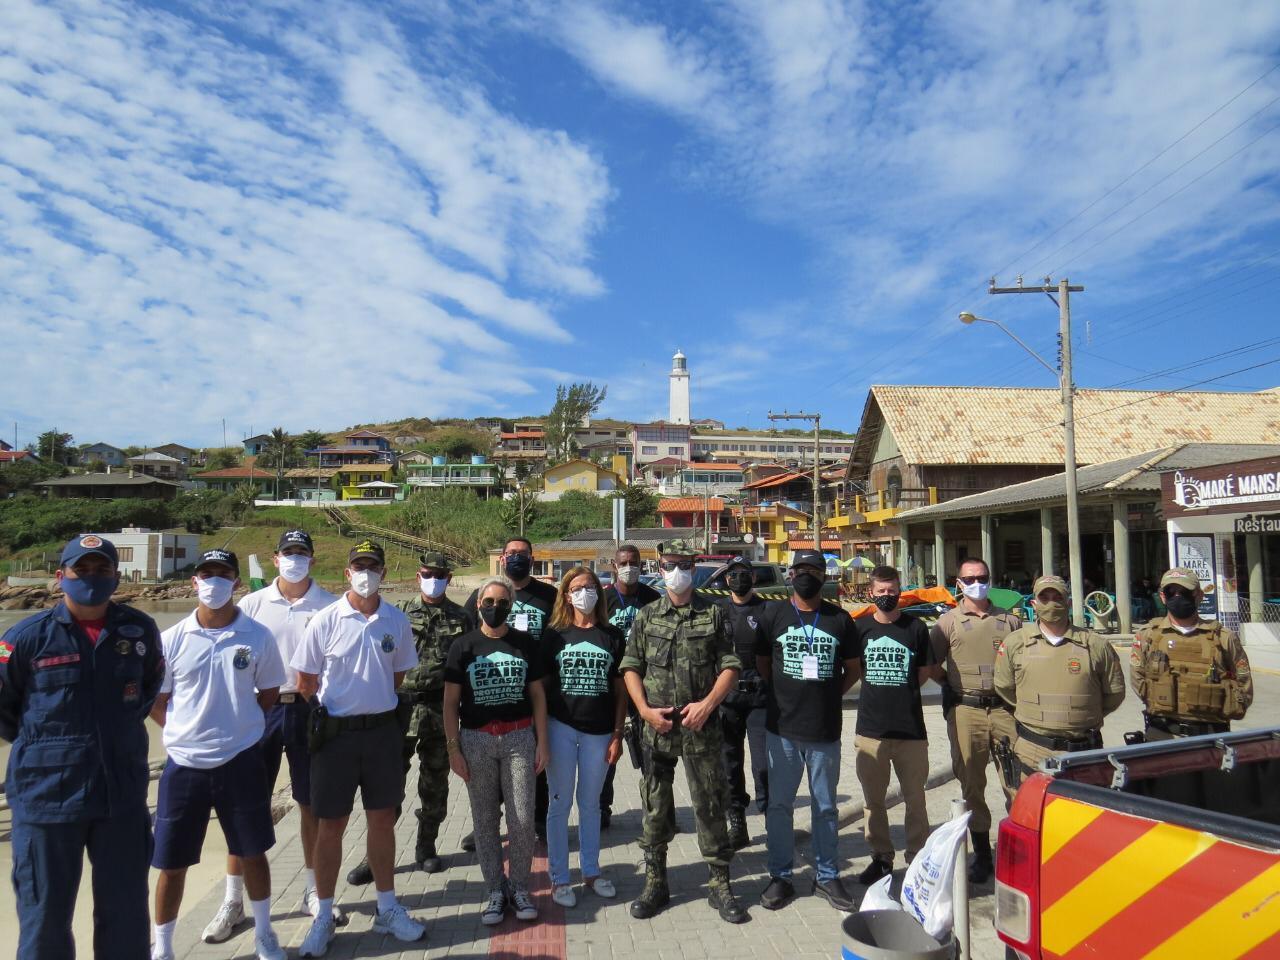 Fotos: Cedidas pelo CMEC (Comitê Municipal Emergencial de Crise) e pela Associação de Surf de Laguna (ASL)